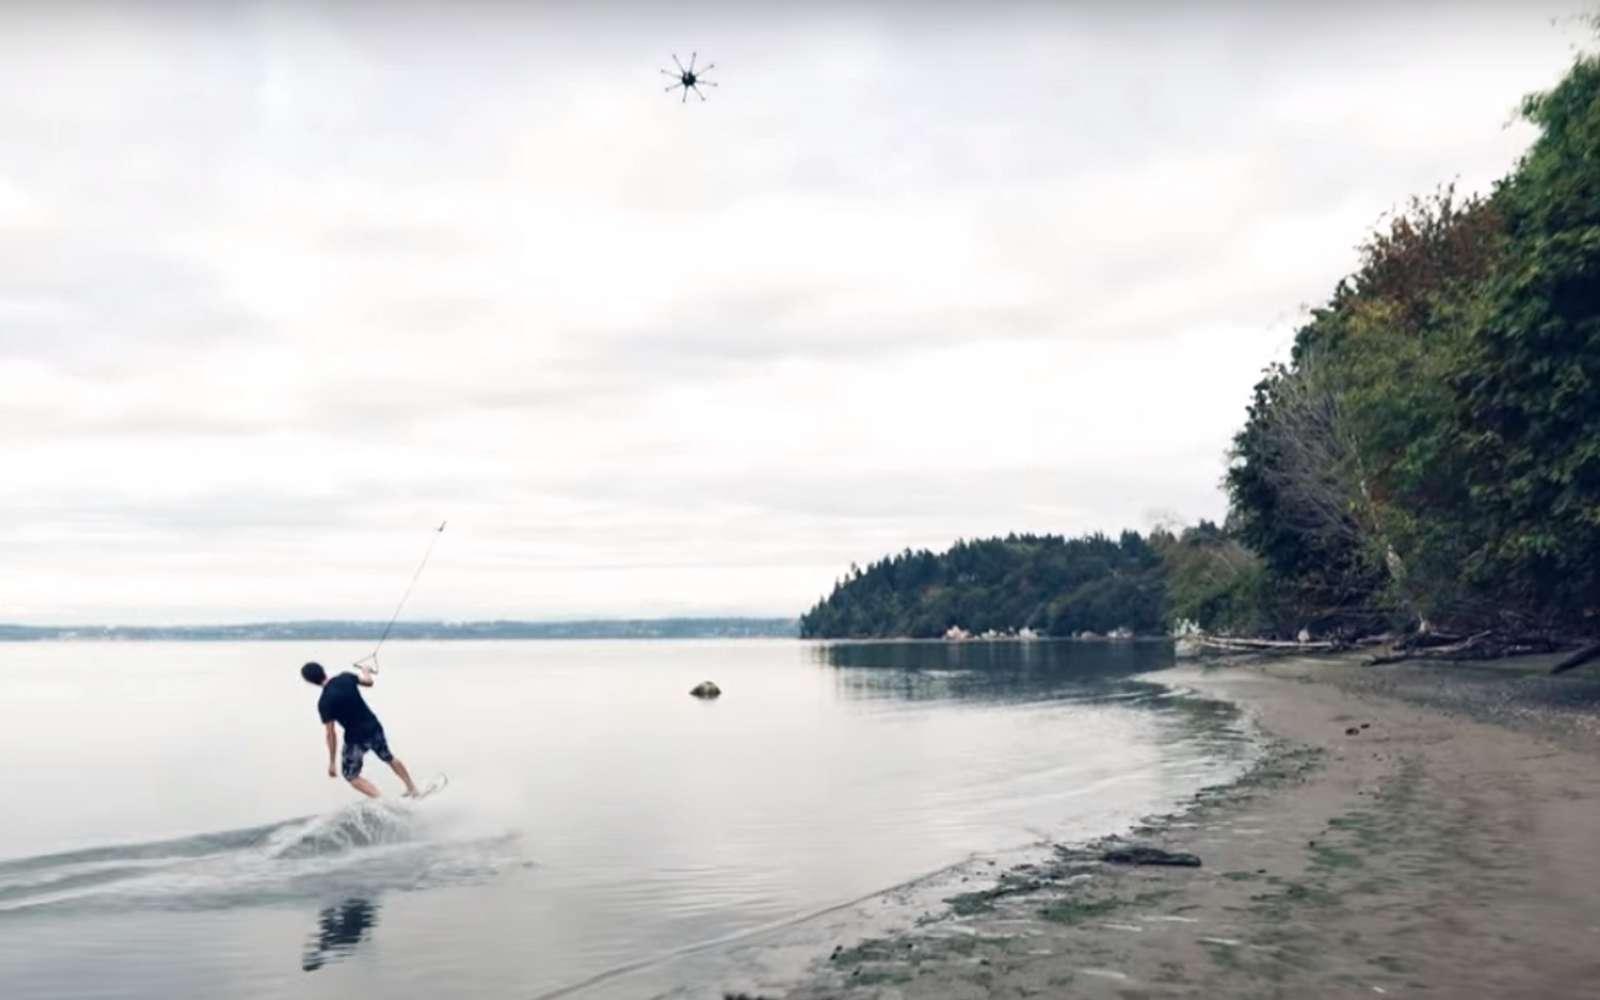 Le concept d'un drone tractant un adepte de sport de glisse n'est pas nouveau. Voici l'exemple de Freefly avec un rider tiré par un énorme drone. © Freefly Sys/YouTube